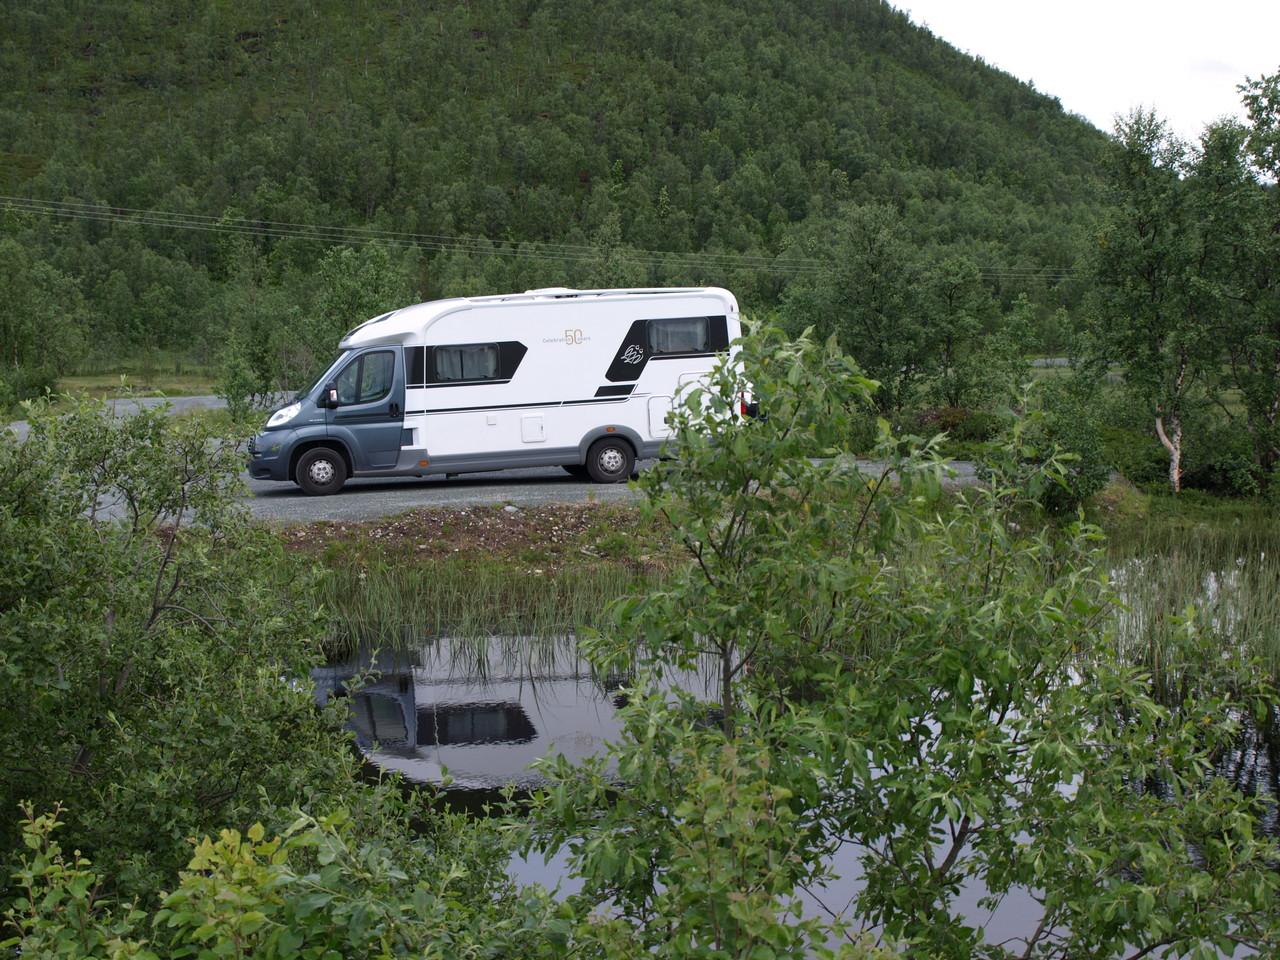 wild campieren - in Norwegen erlaubt